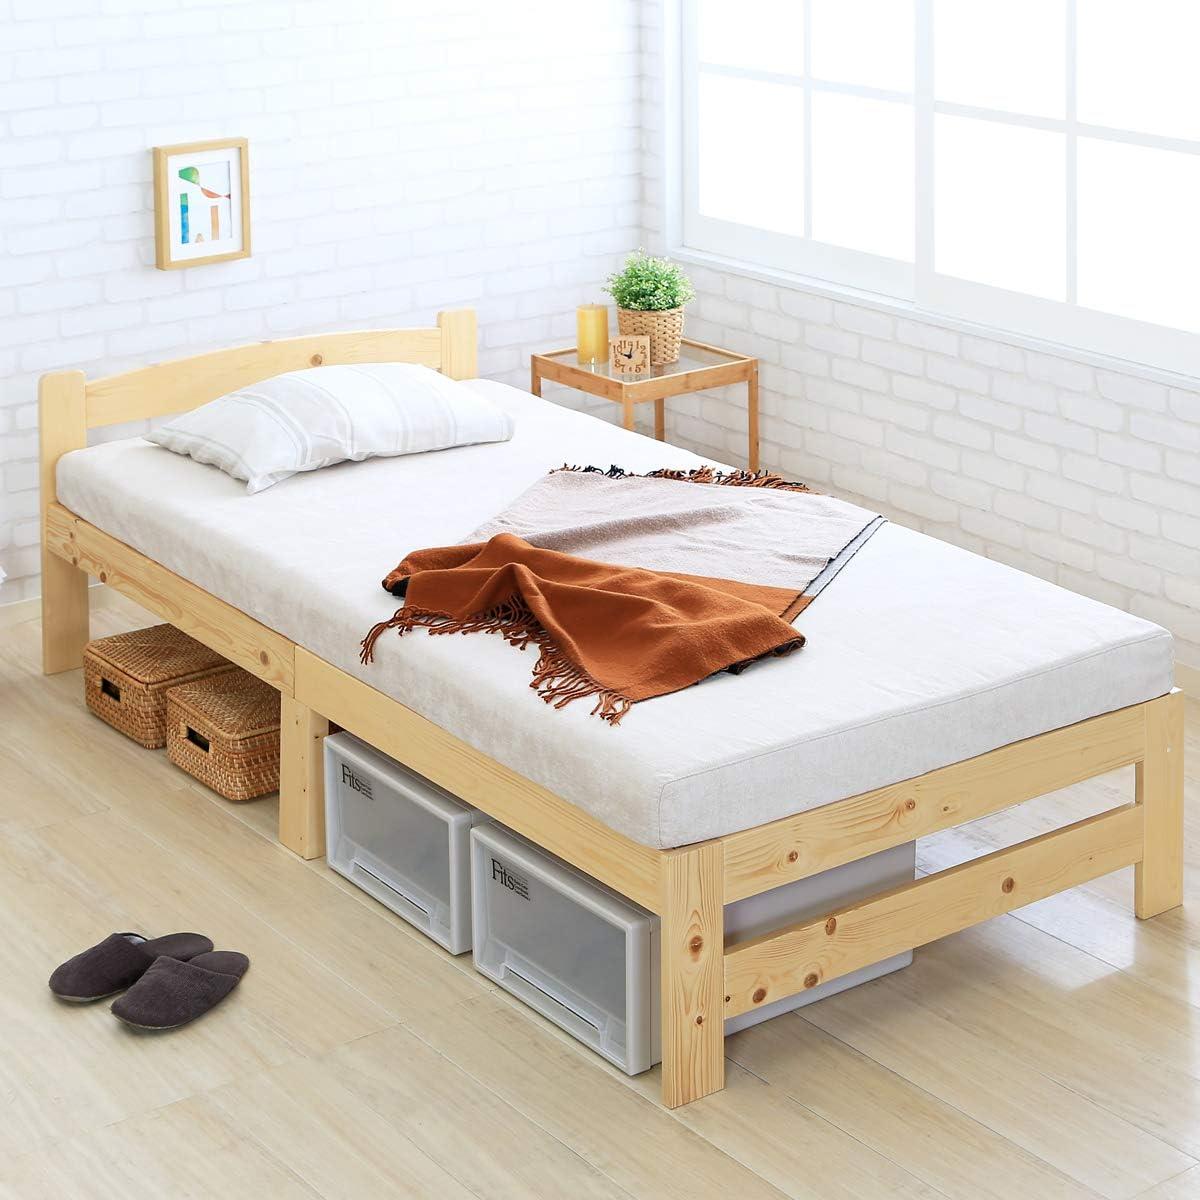 ビックスリー コンパクト ベッド シングル